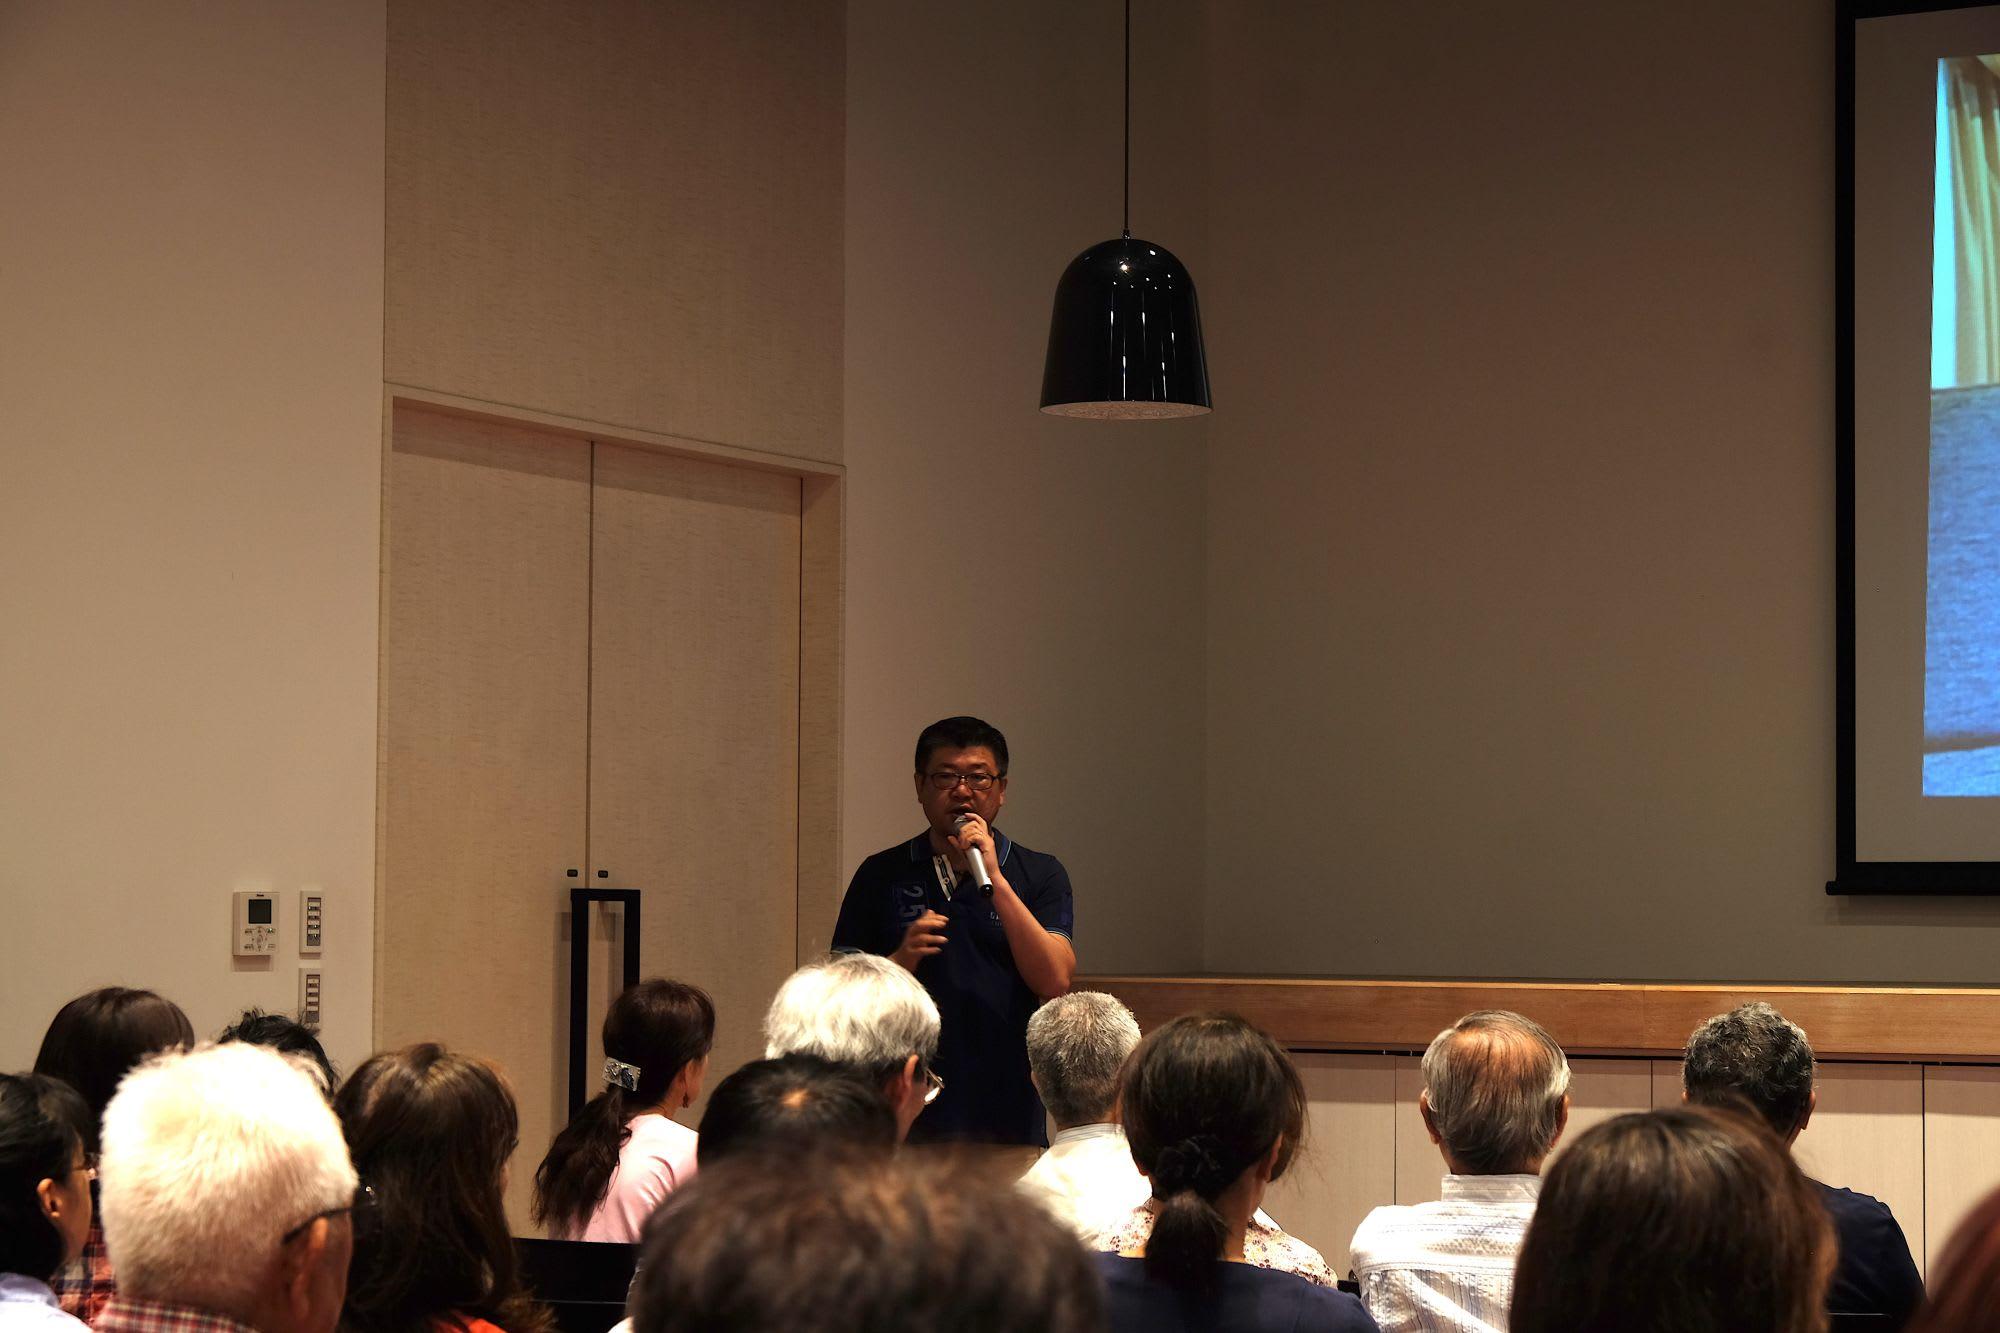 ホーランドアメリカ日本総代理店オーバーシーズトラベルの本郷芳人氏